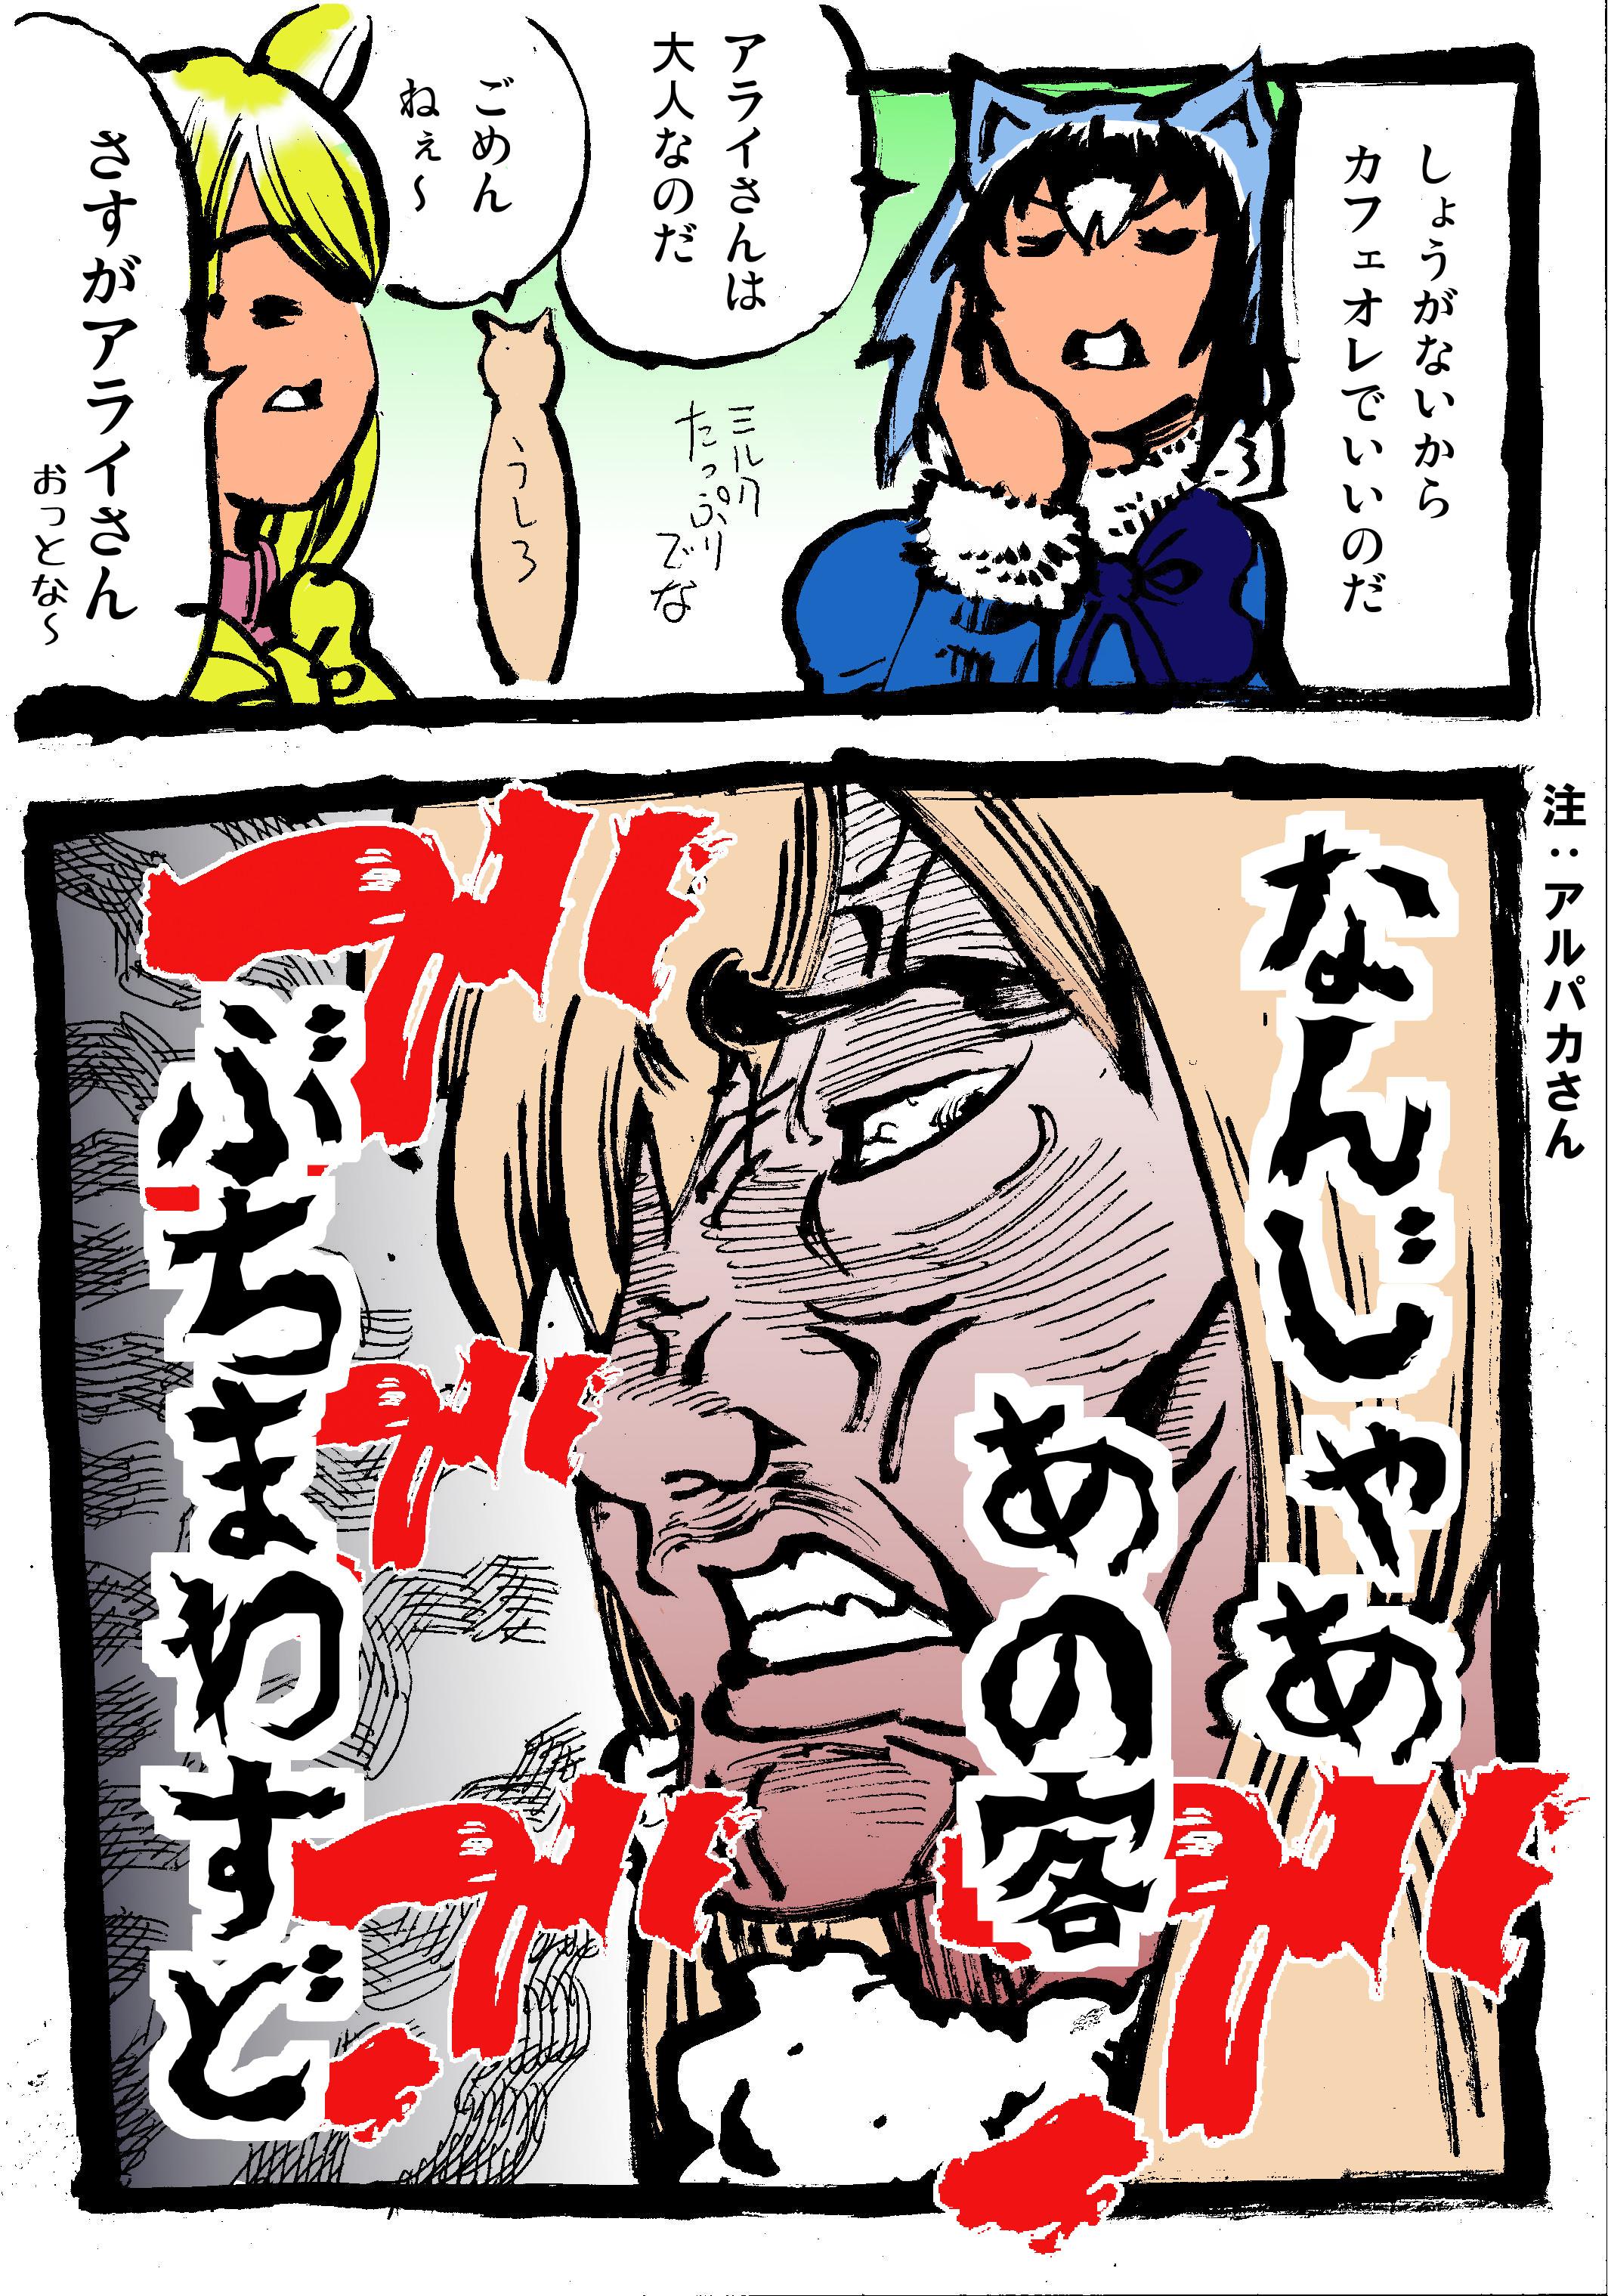 けものフレンズ漫画‐かふぇフレンズ